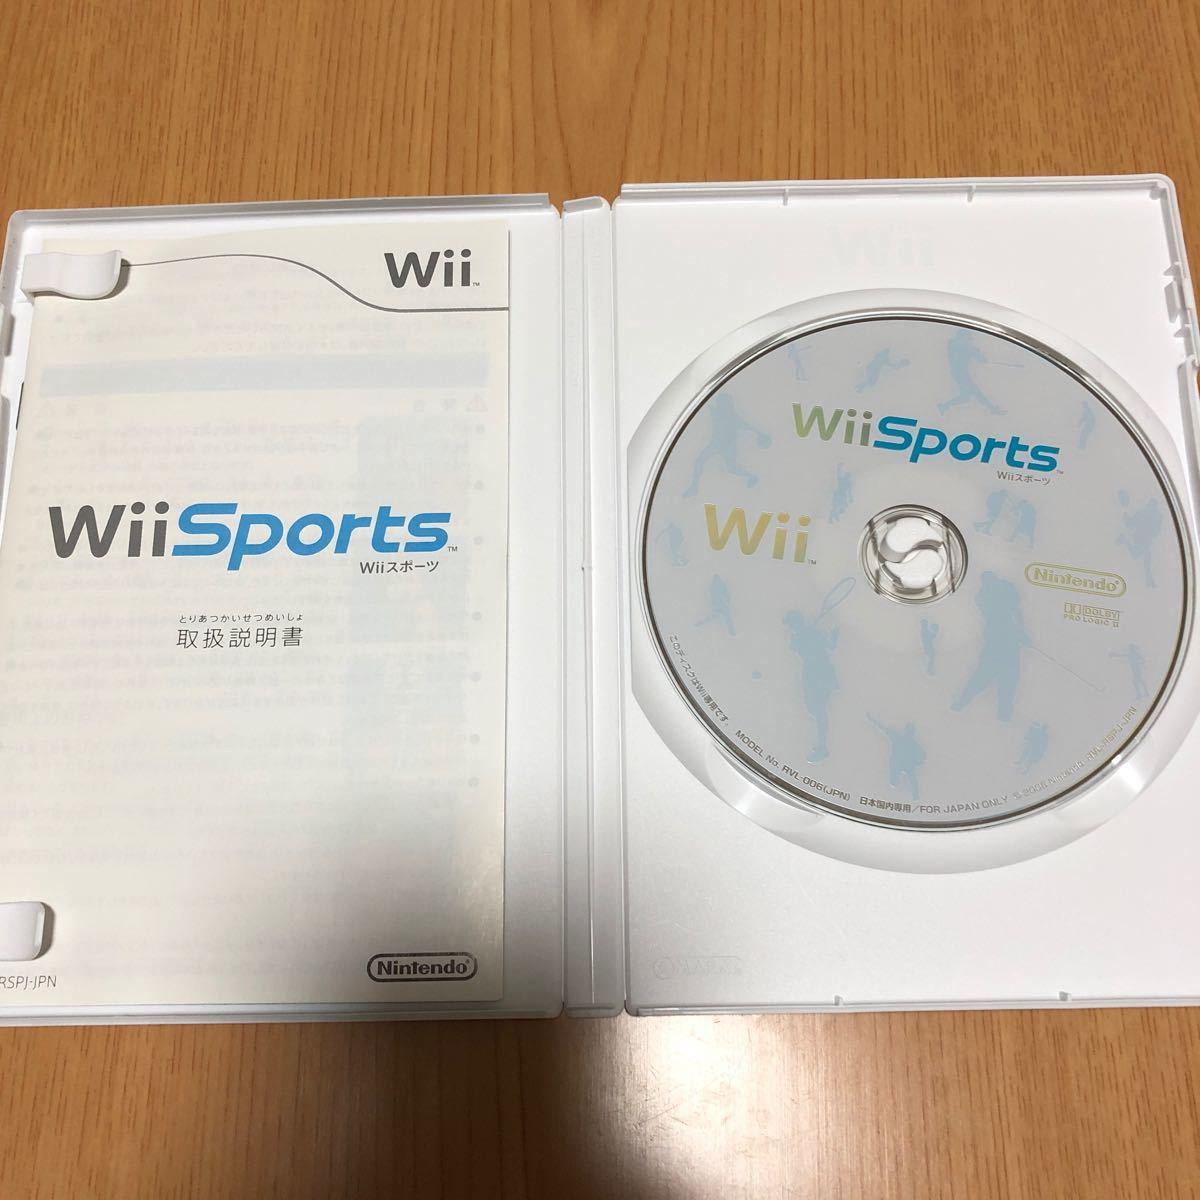 Wiiスポーツとデカスポルタ2